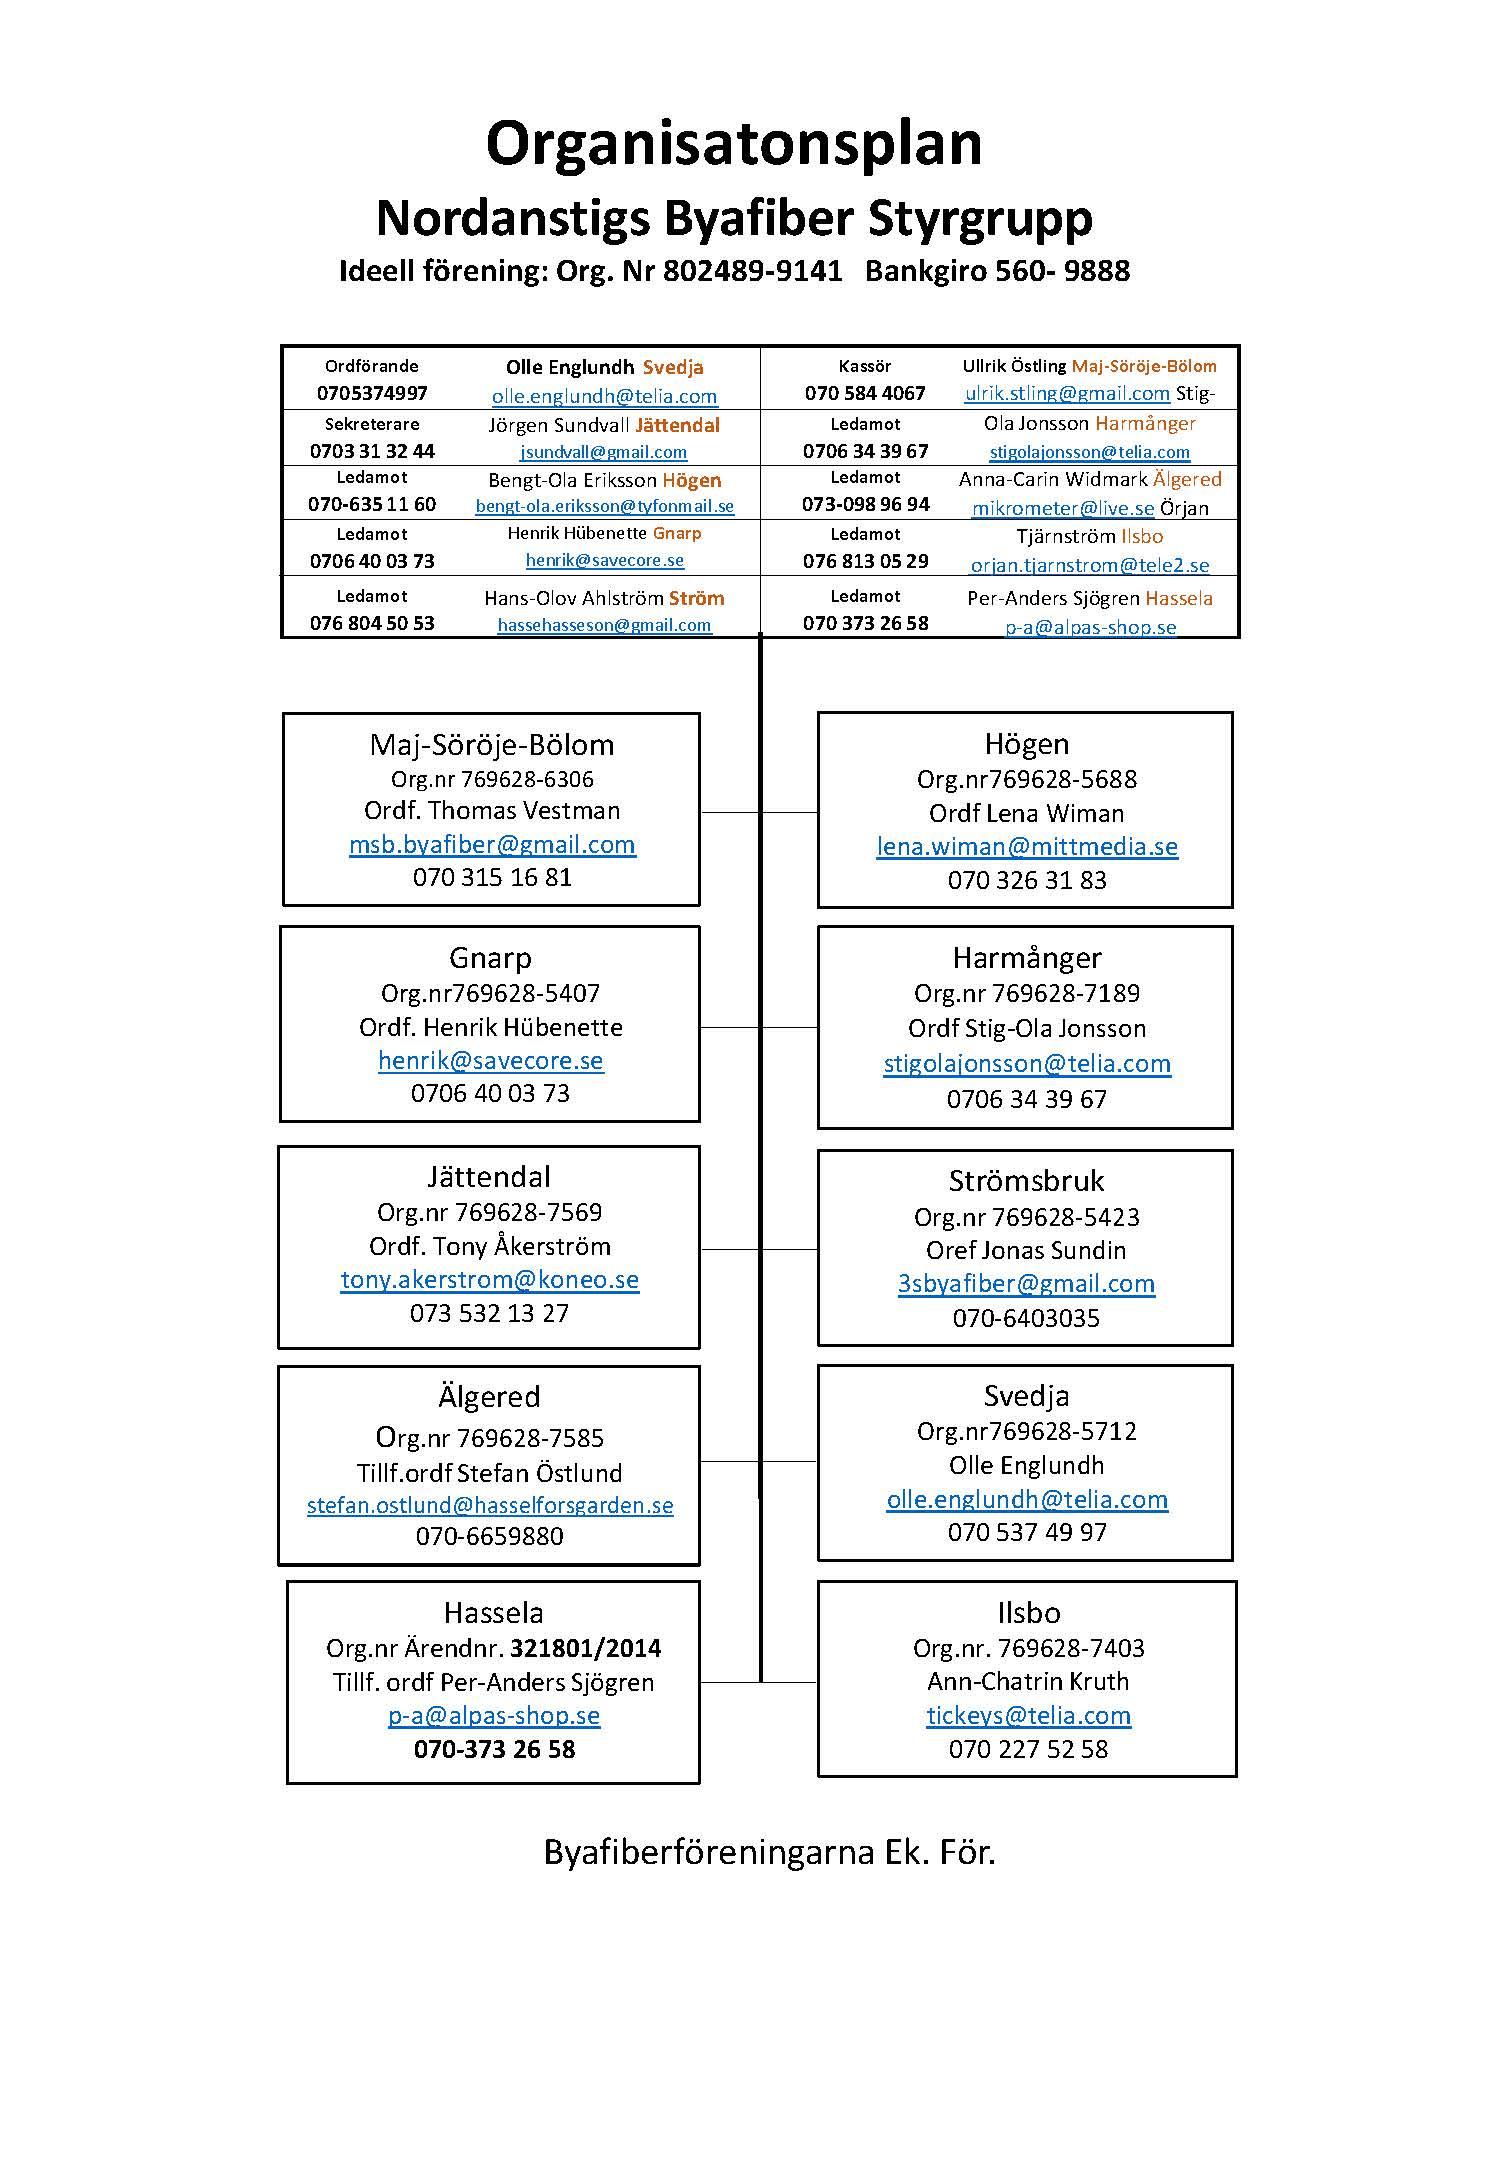 Organisationplan Bild.jpg